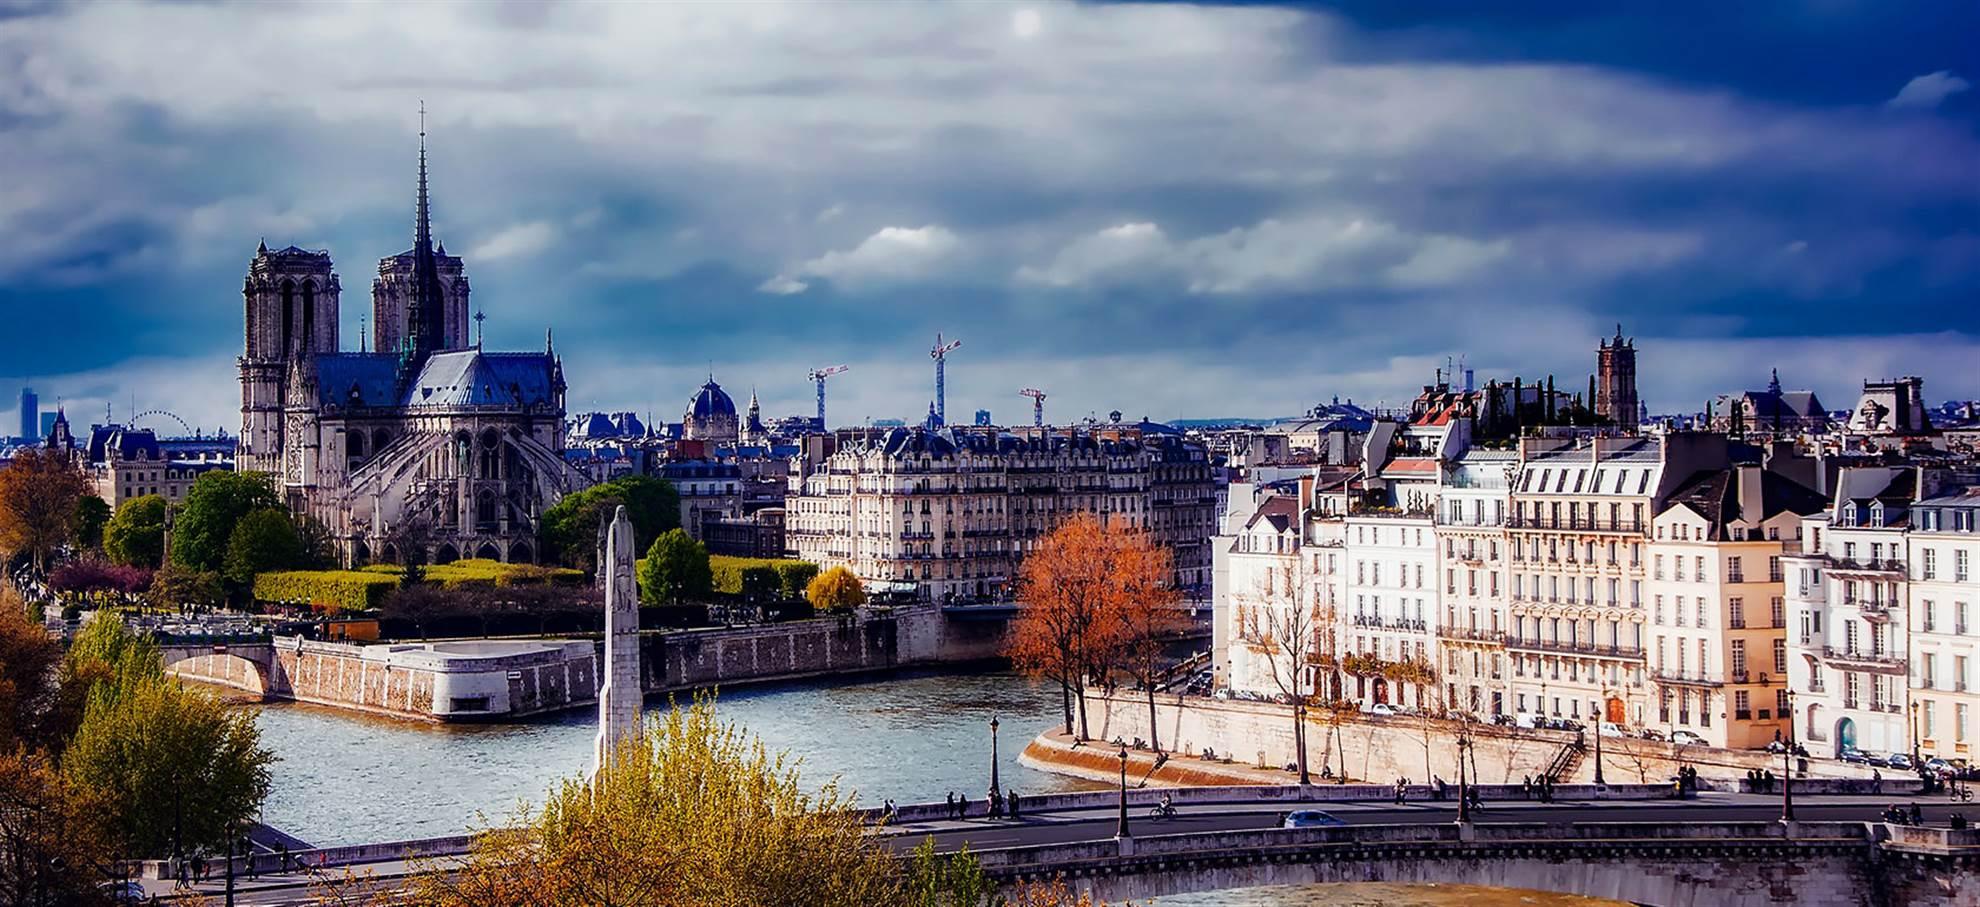 Paris Historique and Notre Dame - by bus